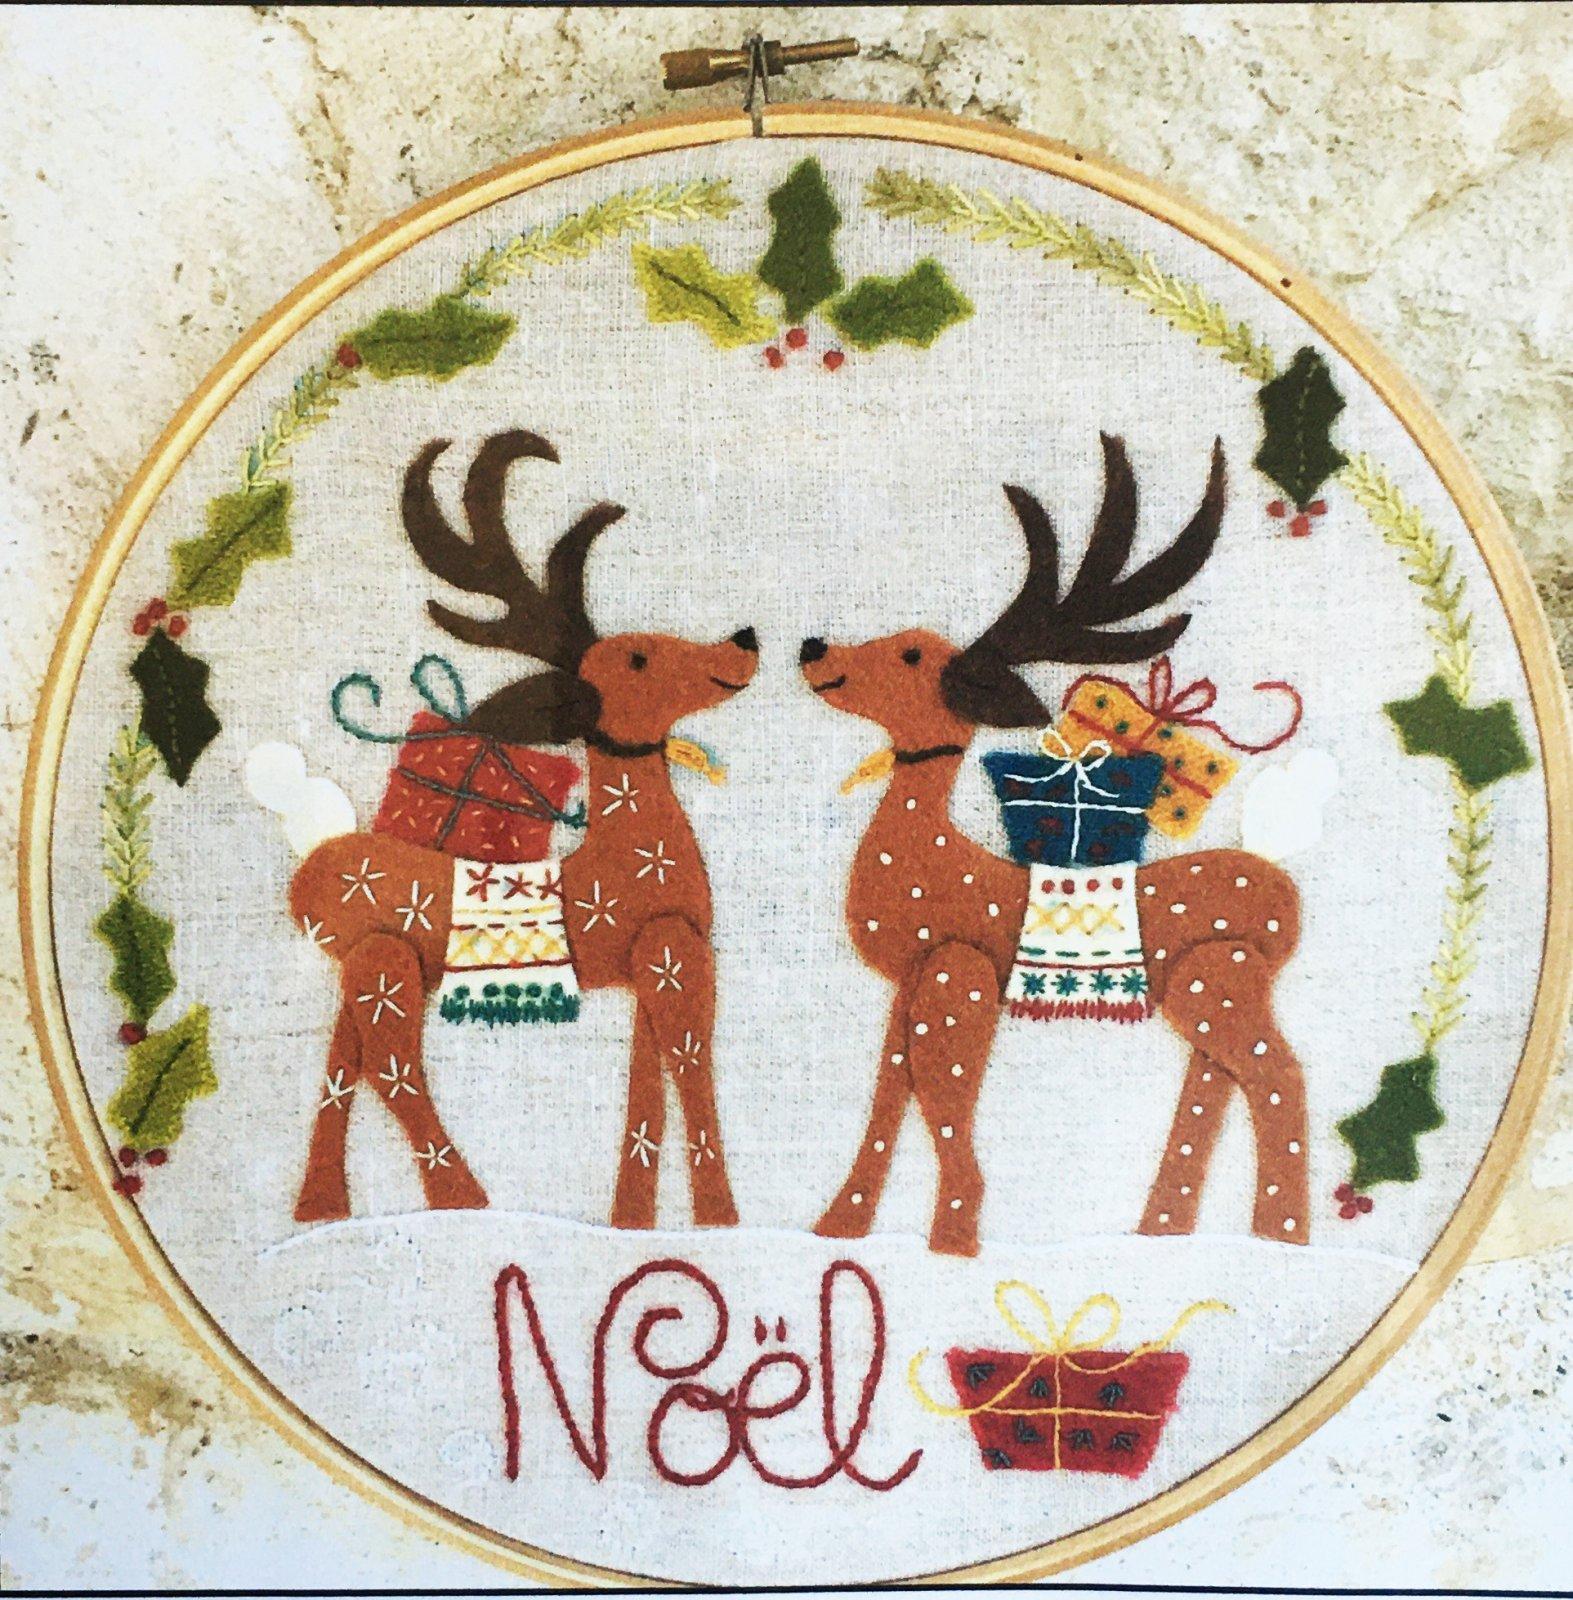 Noel (L'Atelier D'Isabelle)